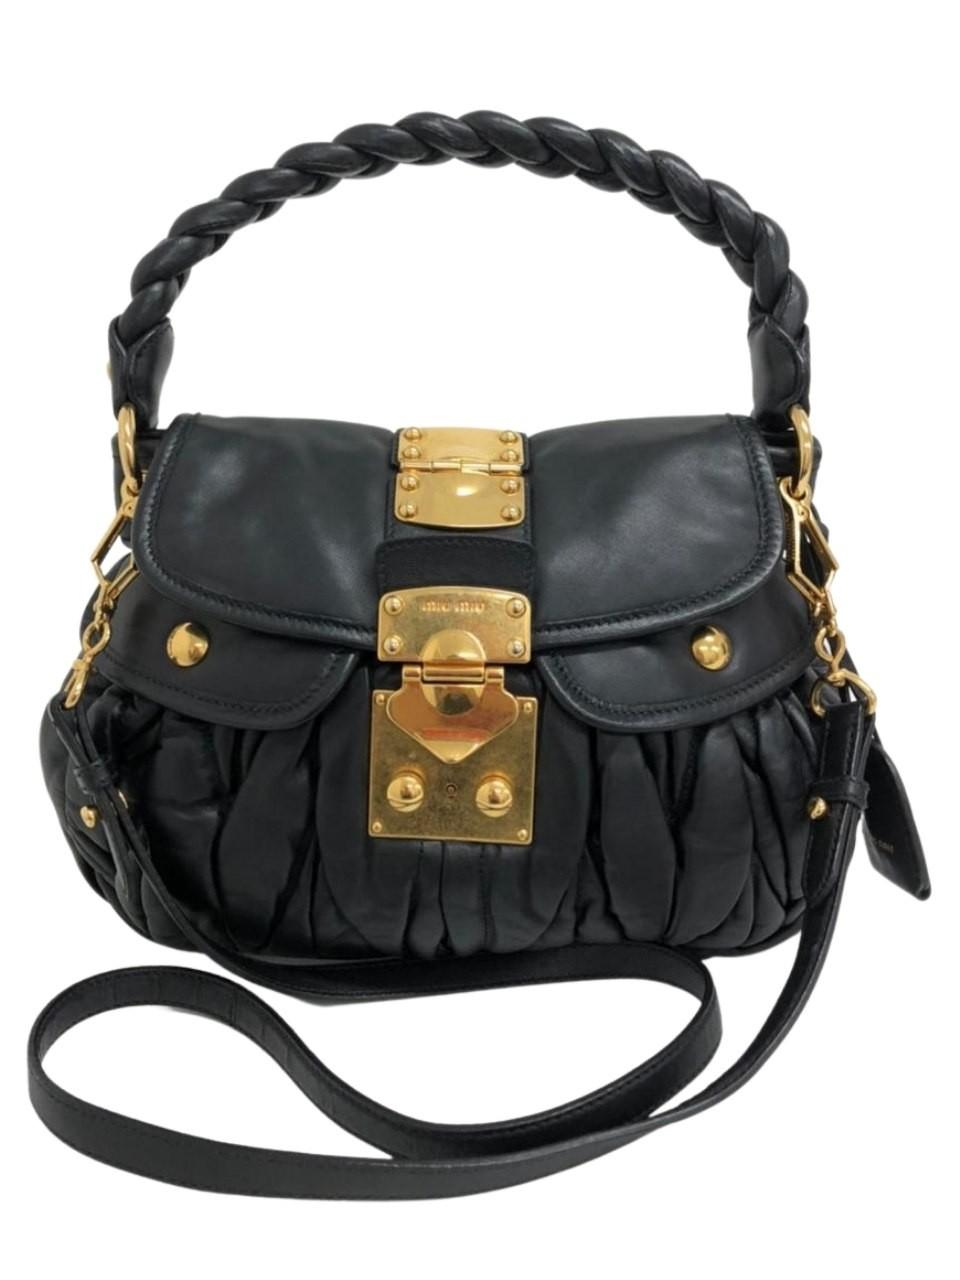 Bolsa Miu Miu Linen Coffer